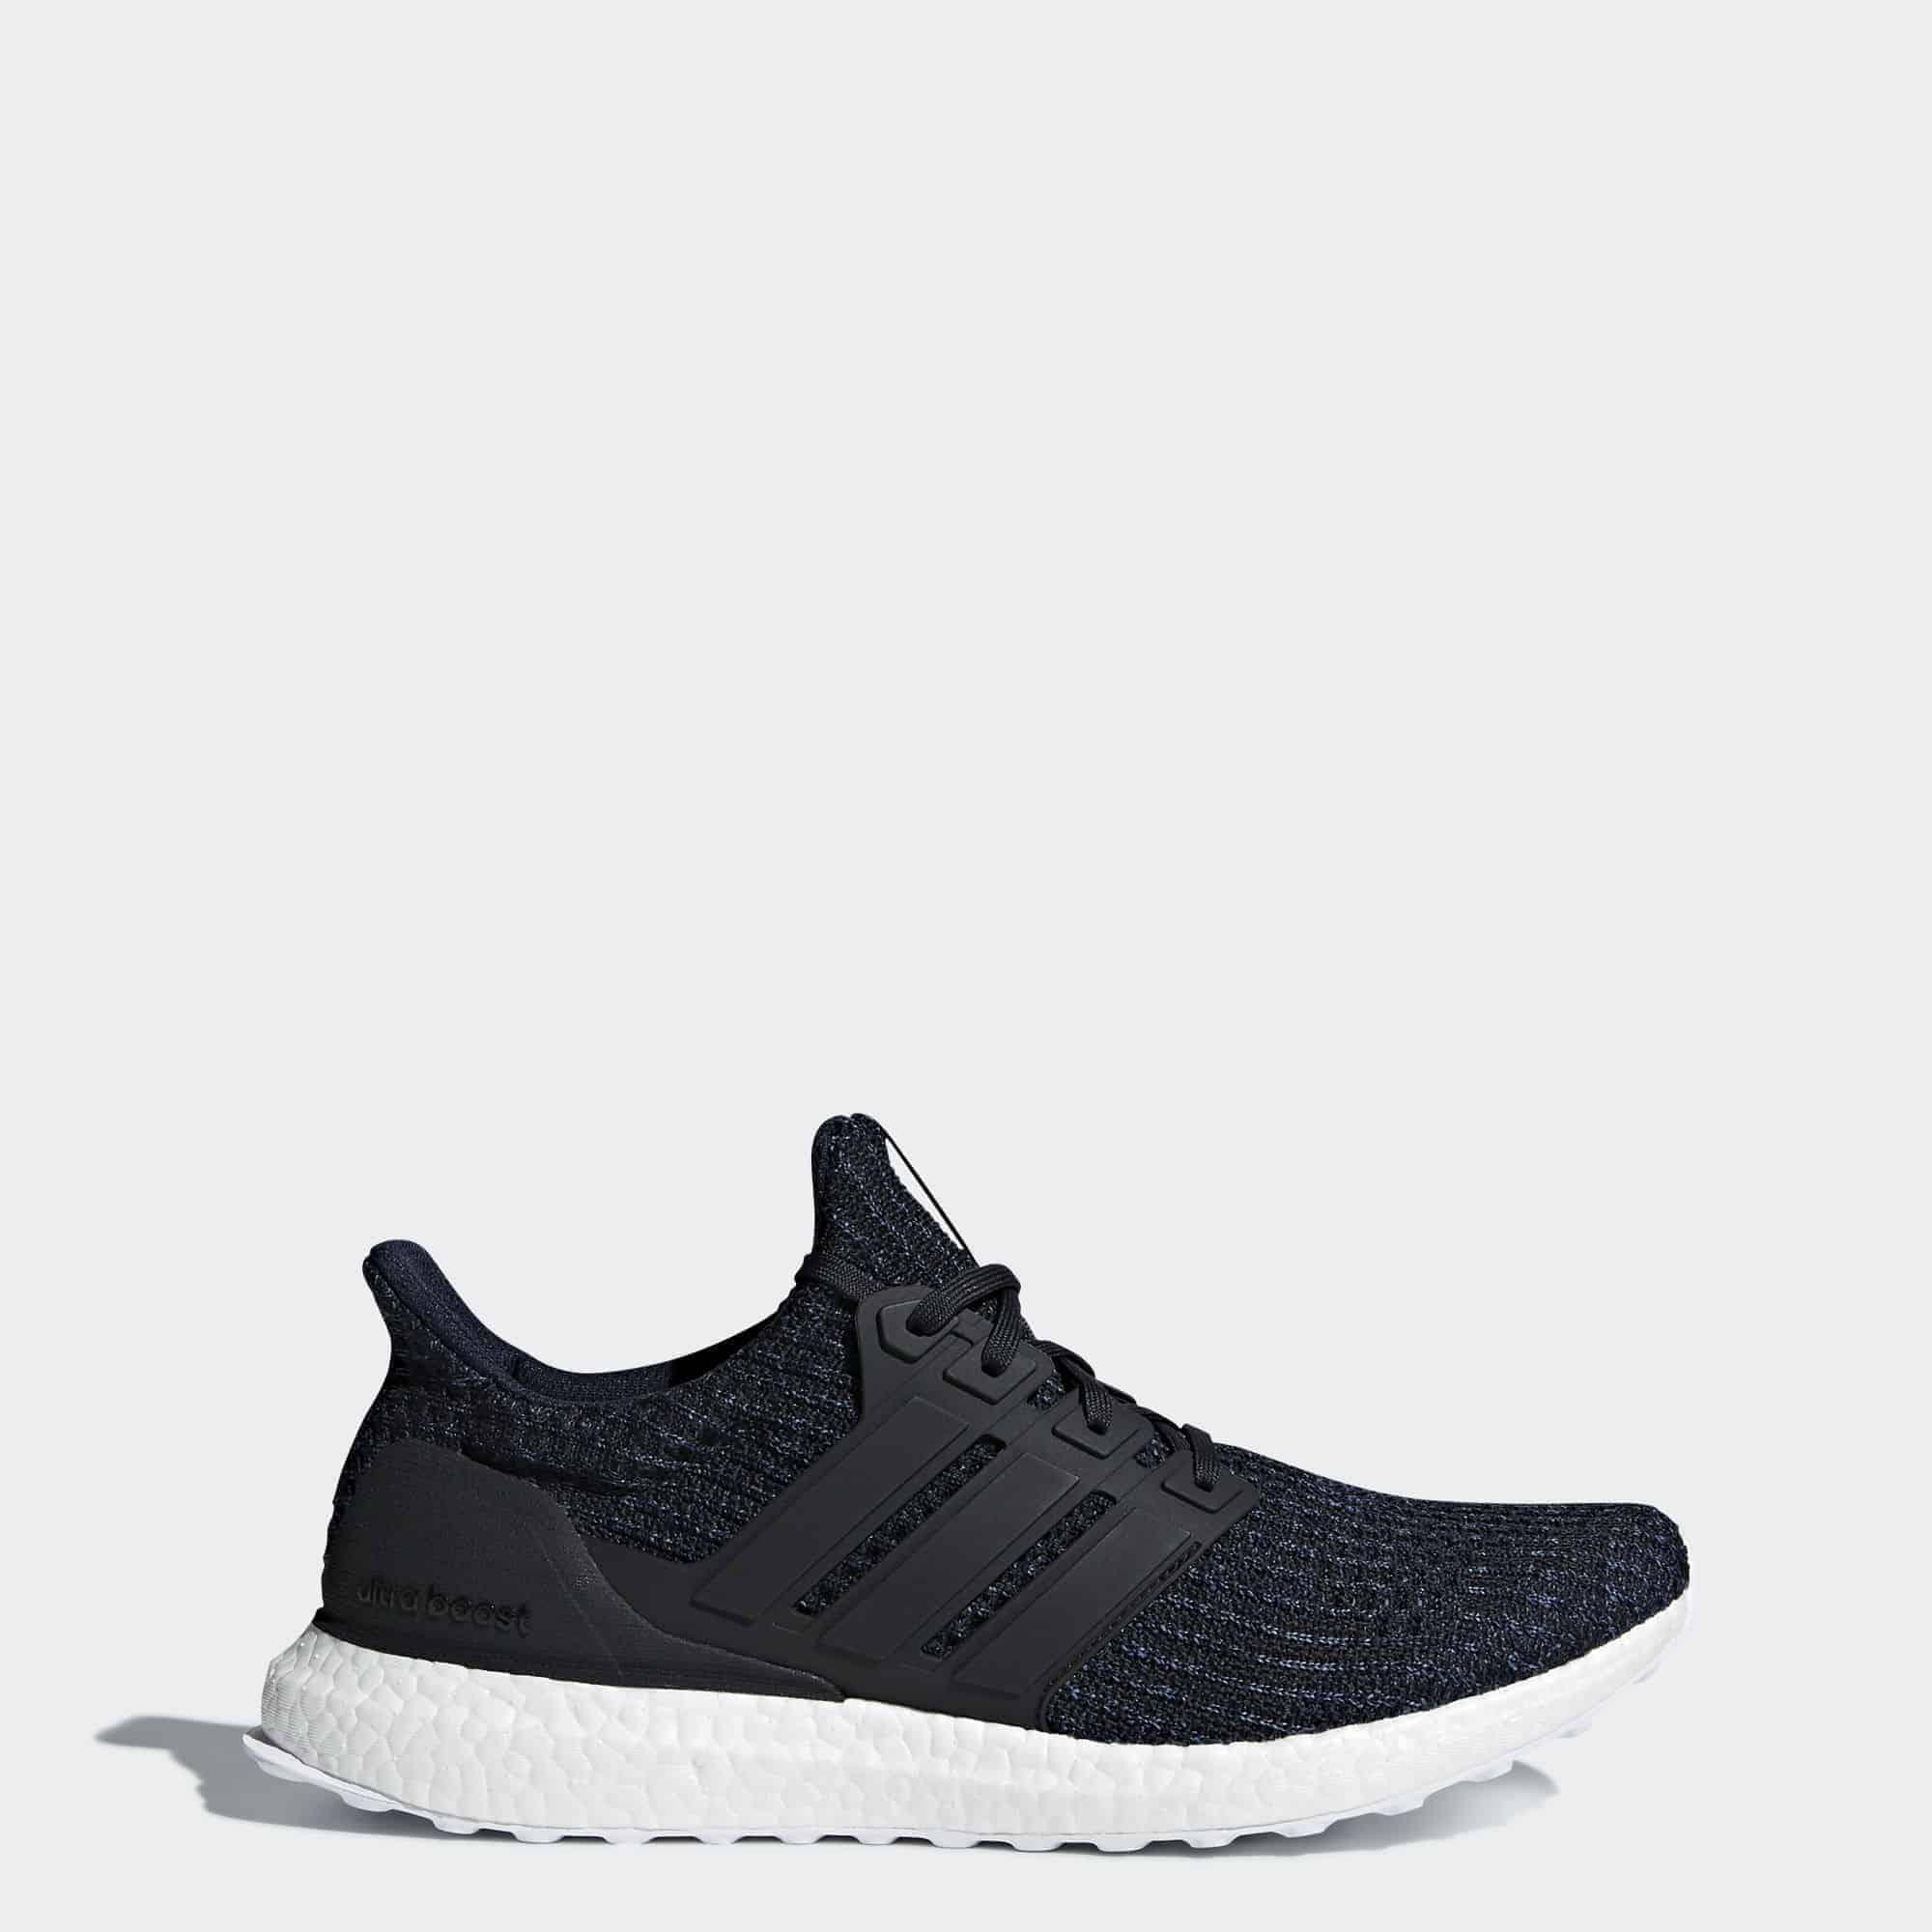 Кроссовки для бега Adidas Ultraboost Parley мужские